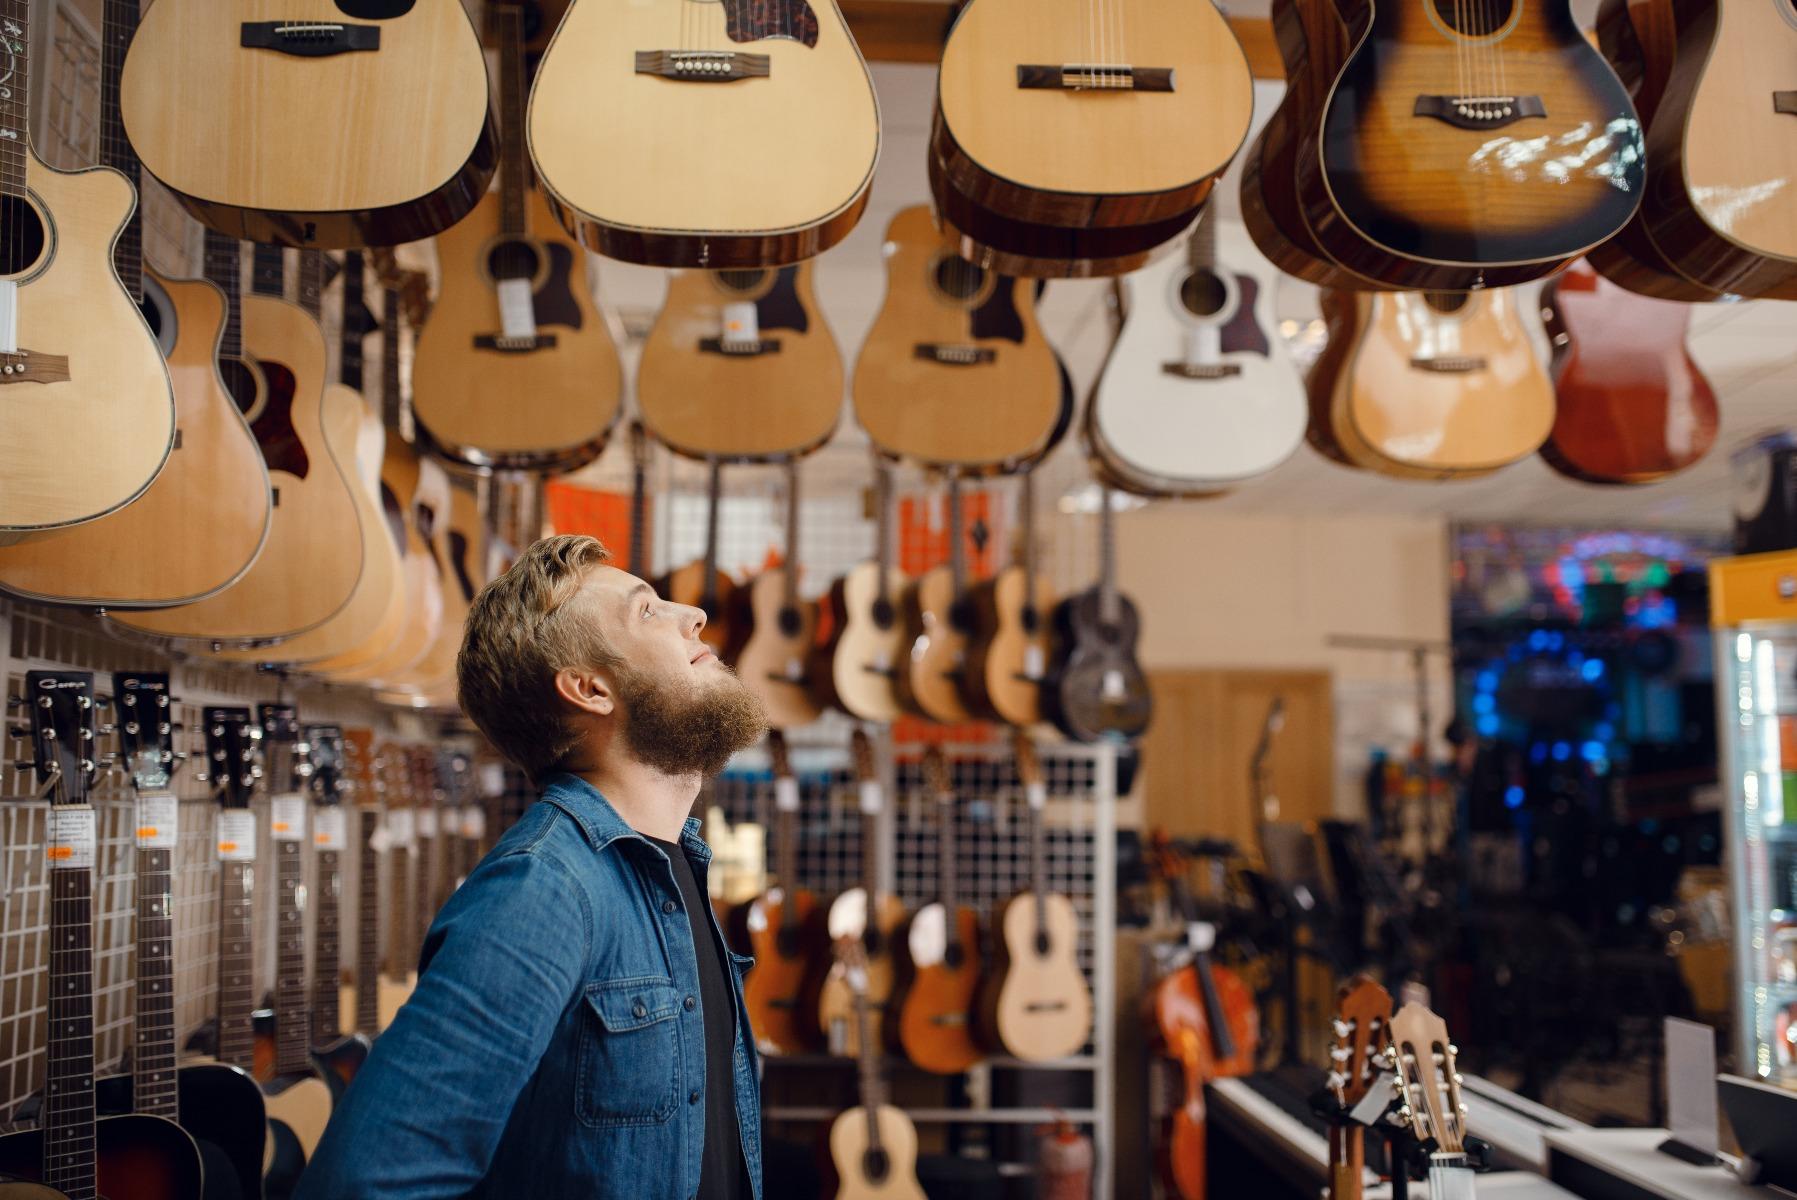 Ein Mann sucht sich eine Gitarre aus